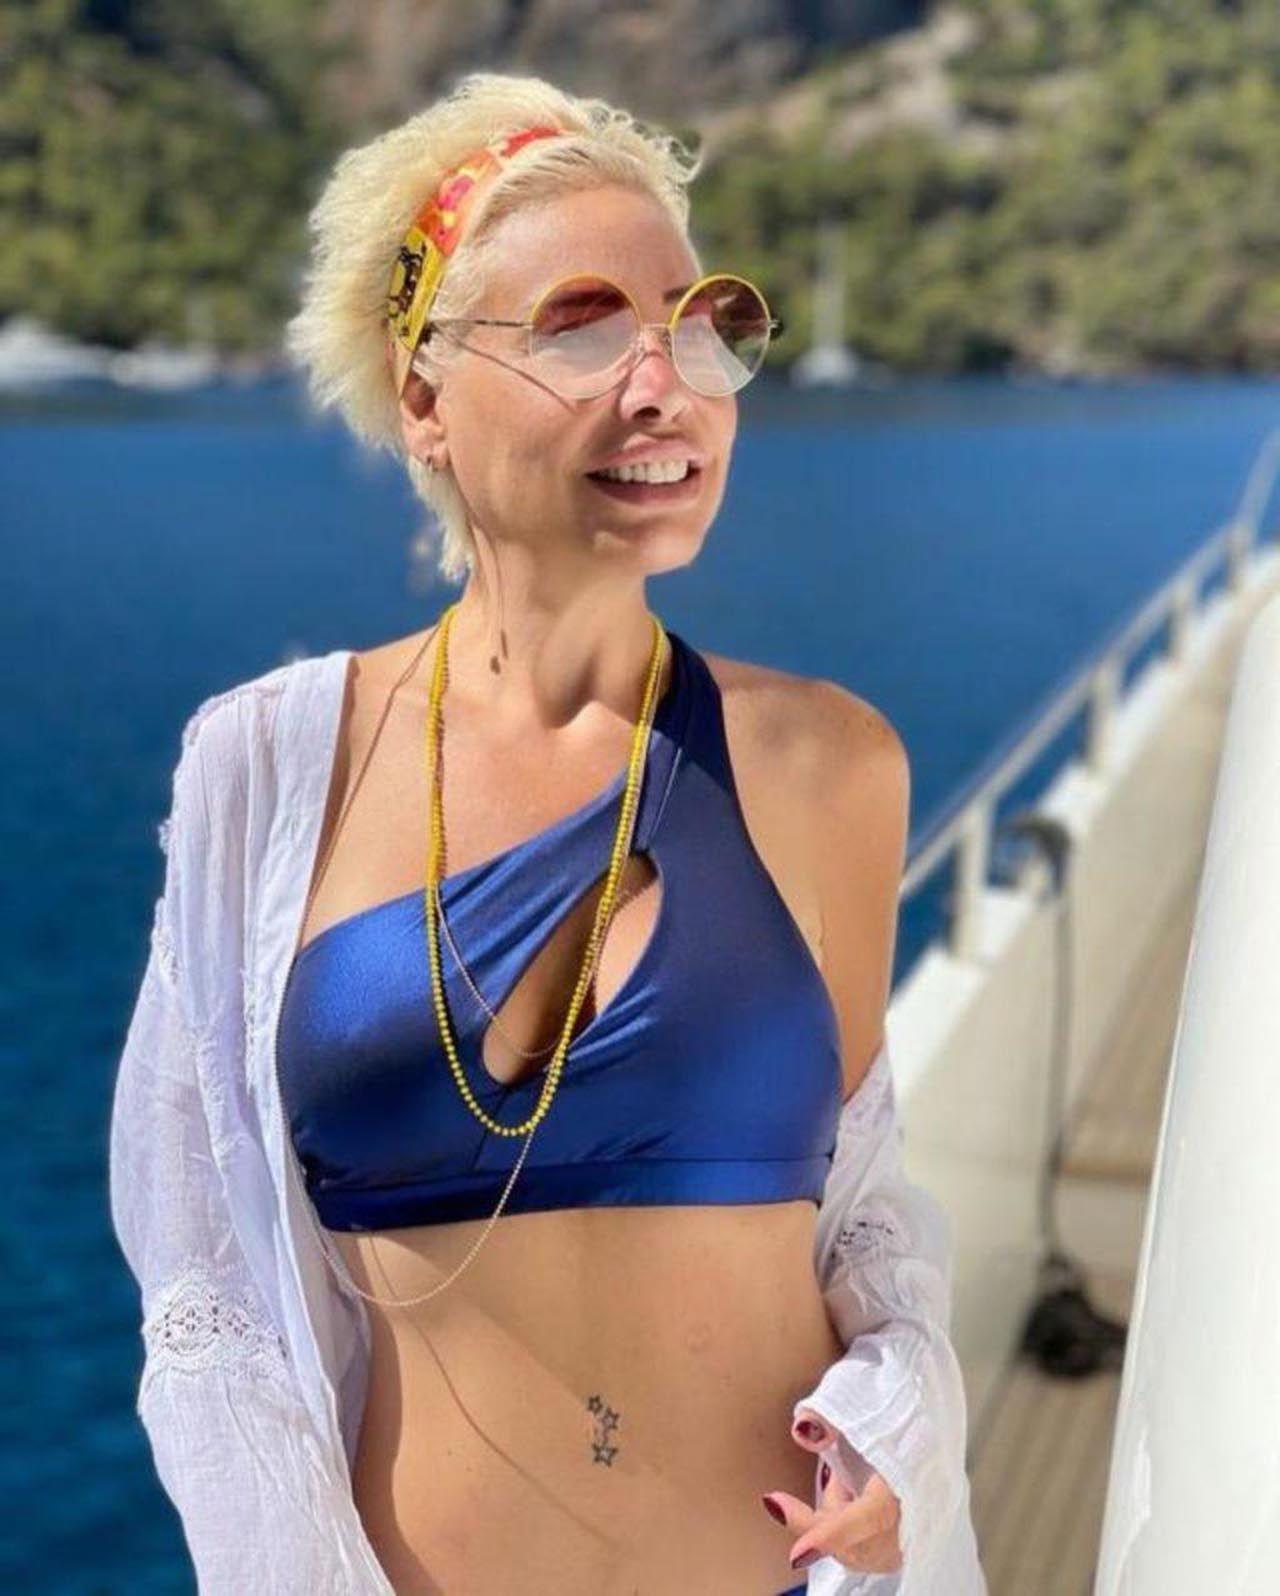 Linet, bikinili pozlarına dikkat çeken yorum: ''Aaa göbek deliği yokmuş!'' - Resim: 1